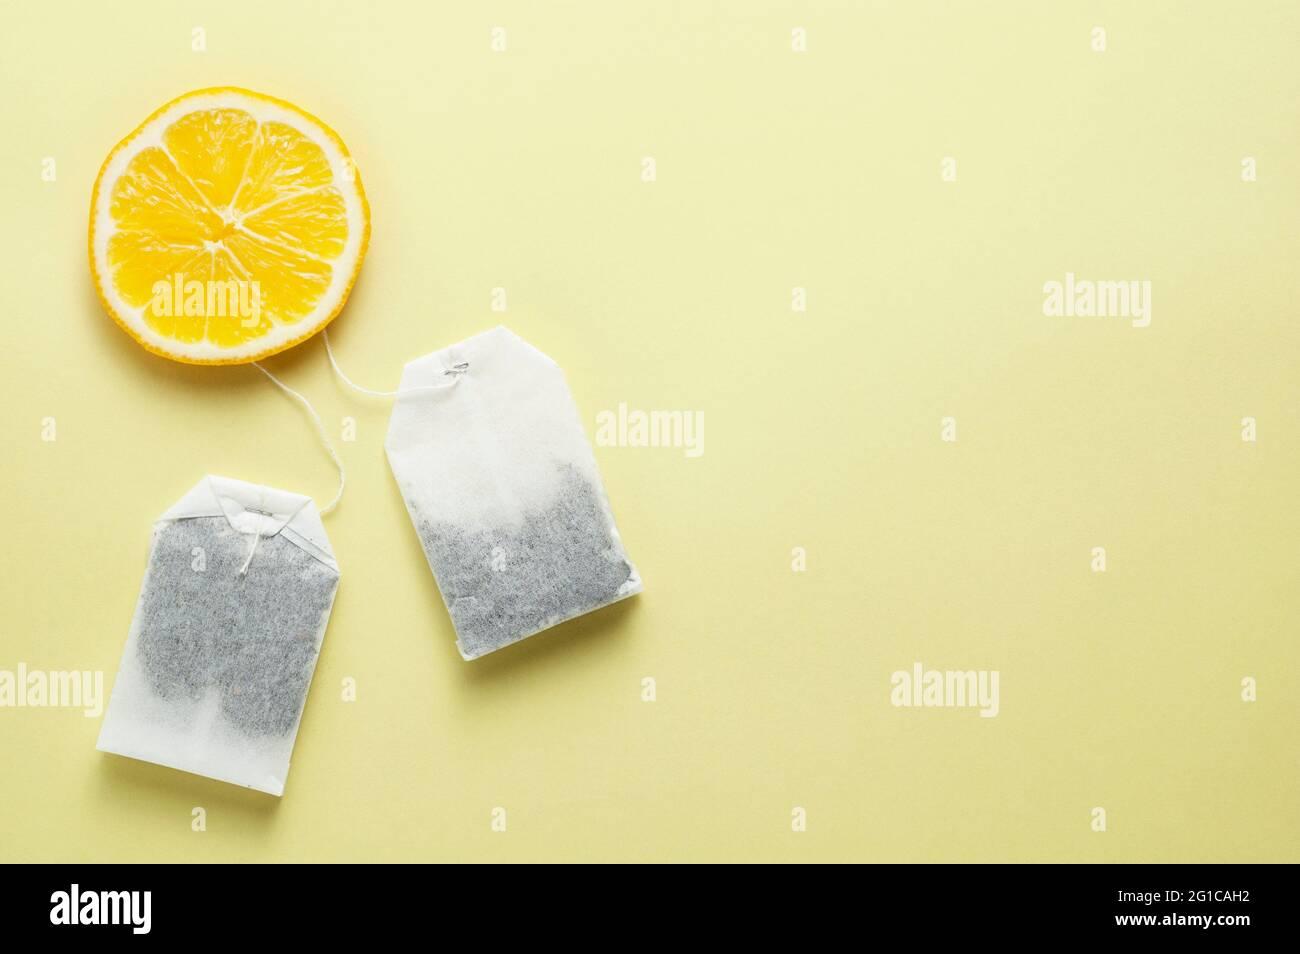 Teebeutel und eine Zitronenscheibe auf gelbem Hintergrund Stockfoto